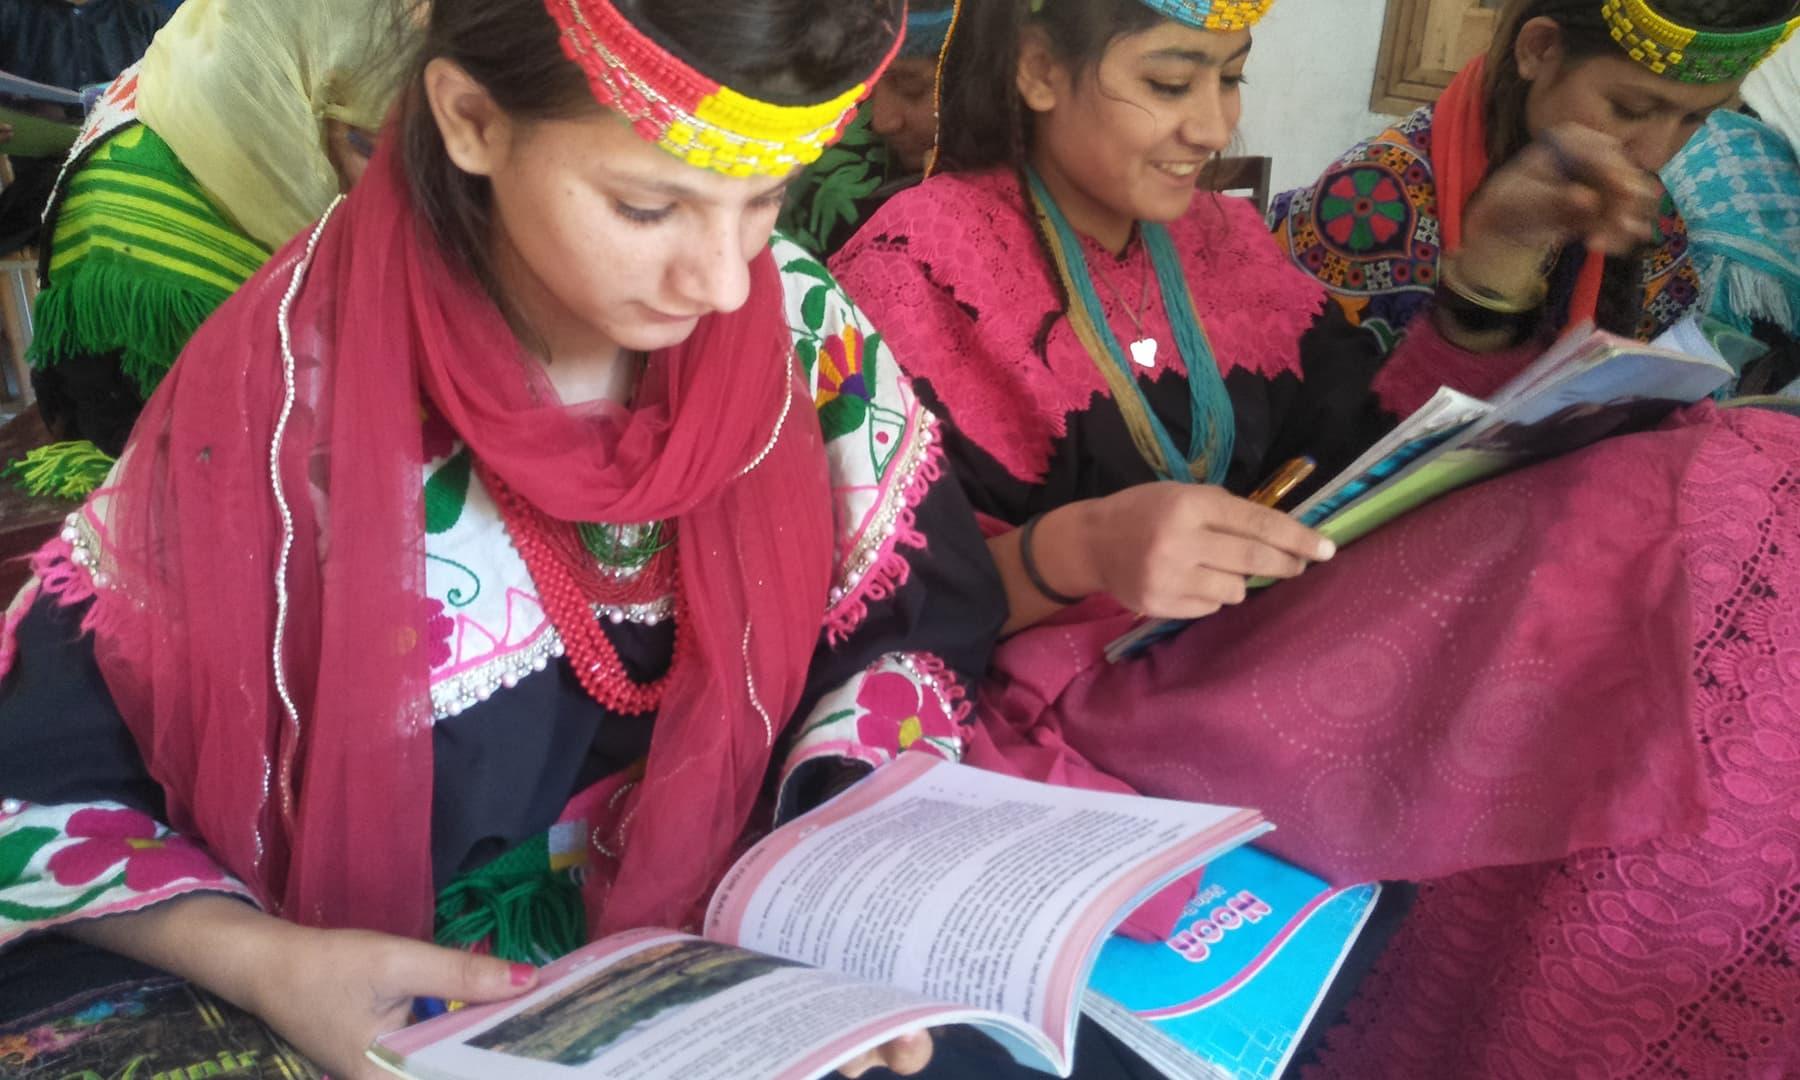 اسکول میں نرسری تا 8ویں جماعت تک مقامی زبان میرک میں تعلیم فراہم کی جاتی ہے—تصویر عظمت اکبر